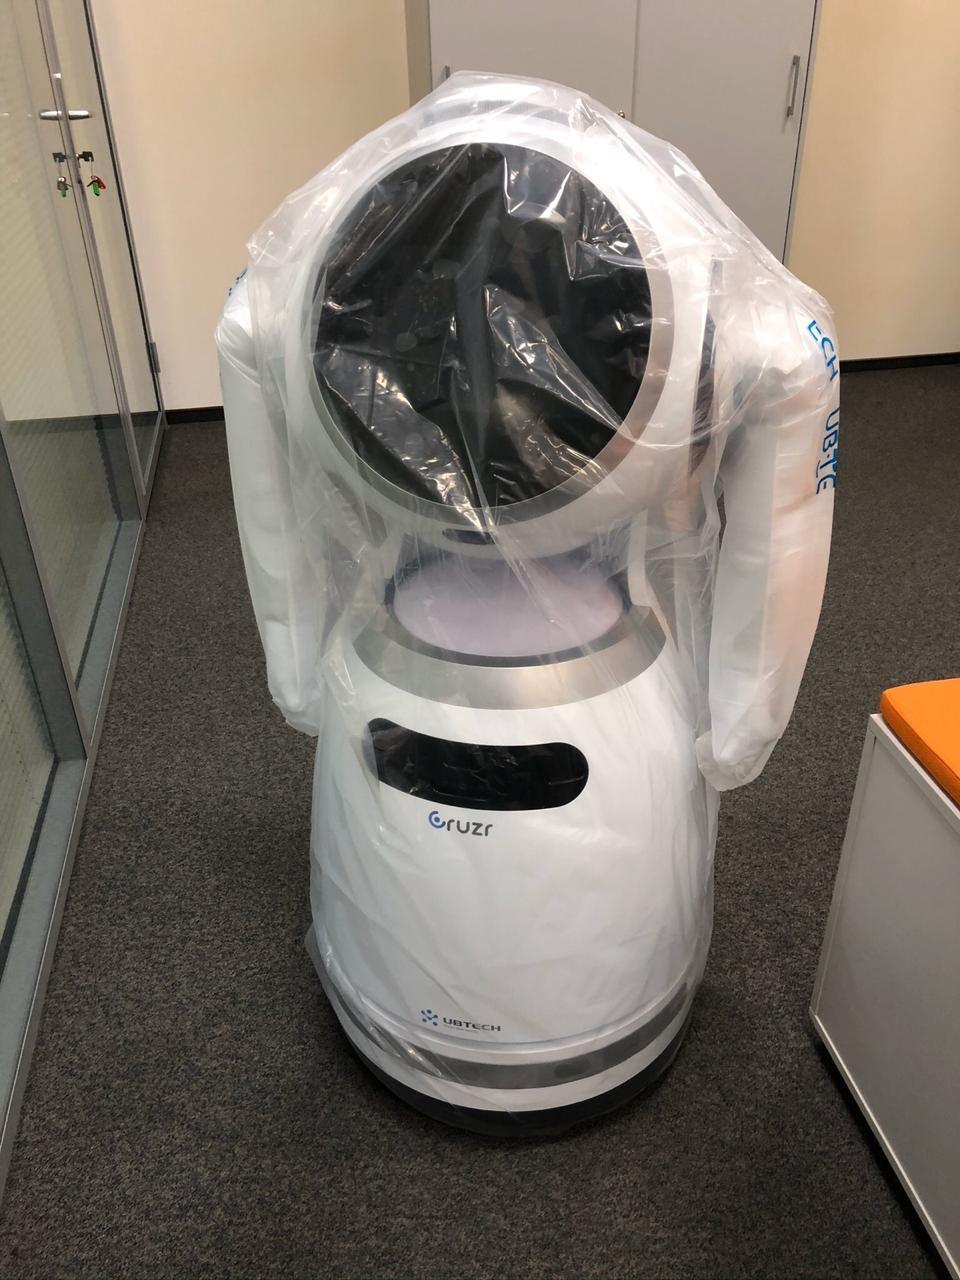 Будущее наступает: китайские роботы приехали в Россию - 19